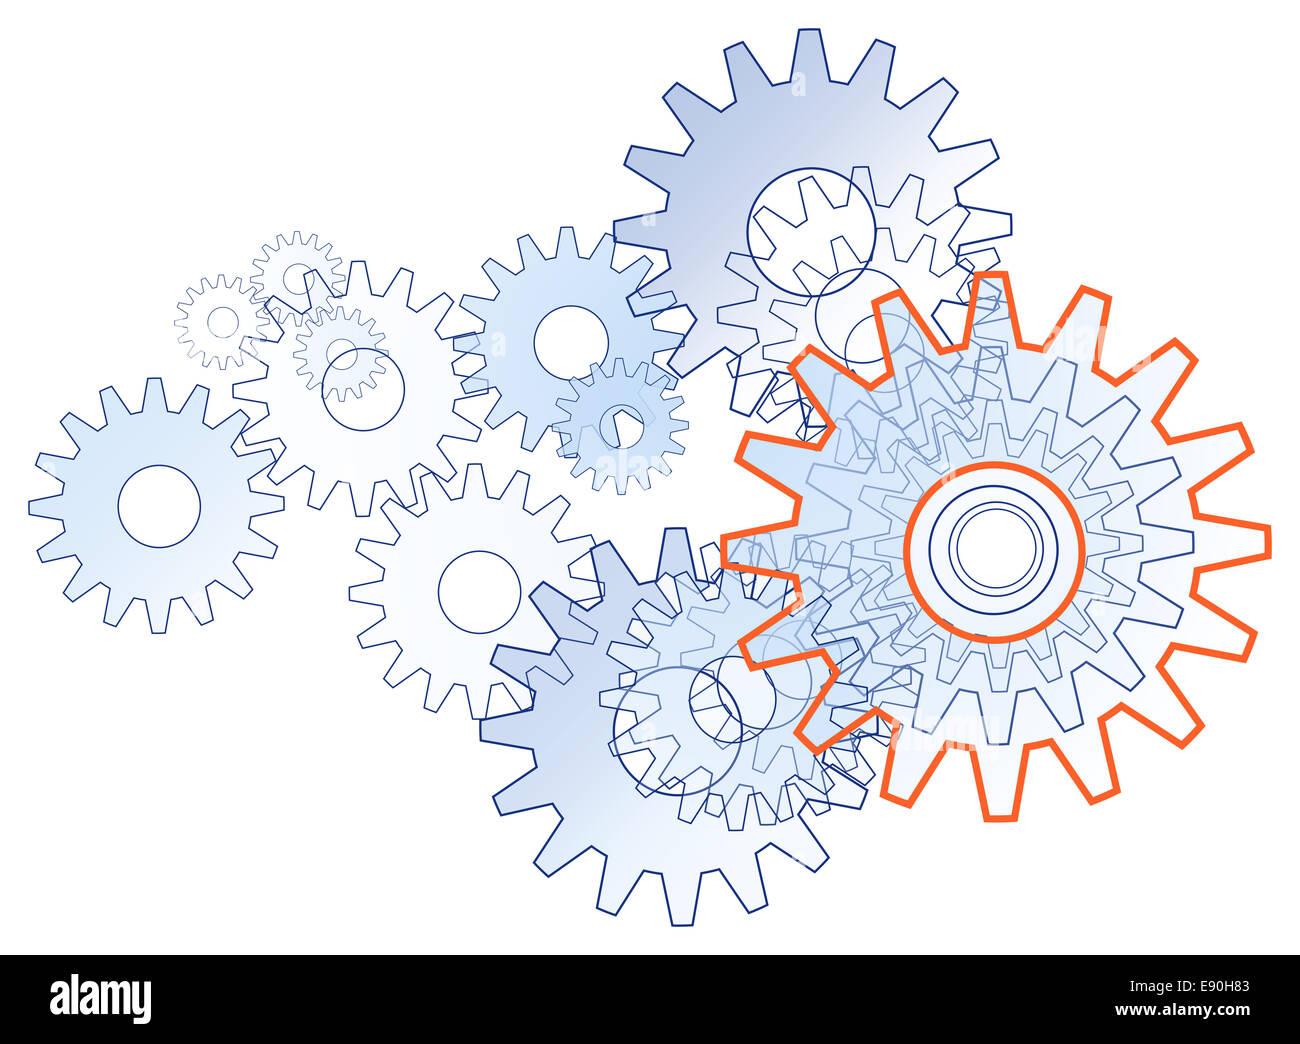 Equipo de engranaje simbólico libre de tecnología Imagen De Stock